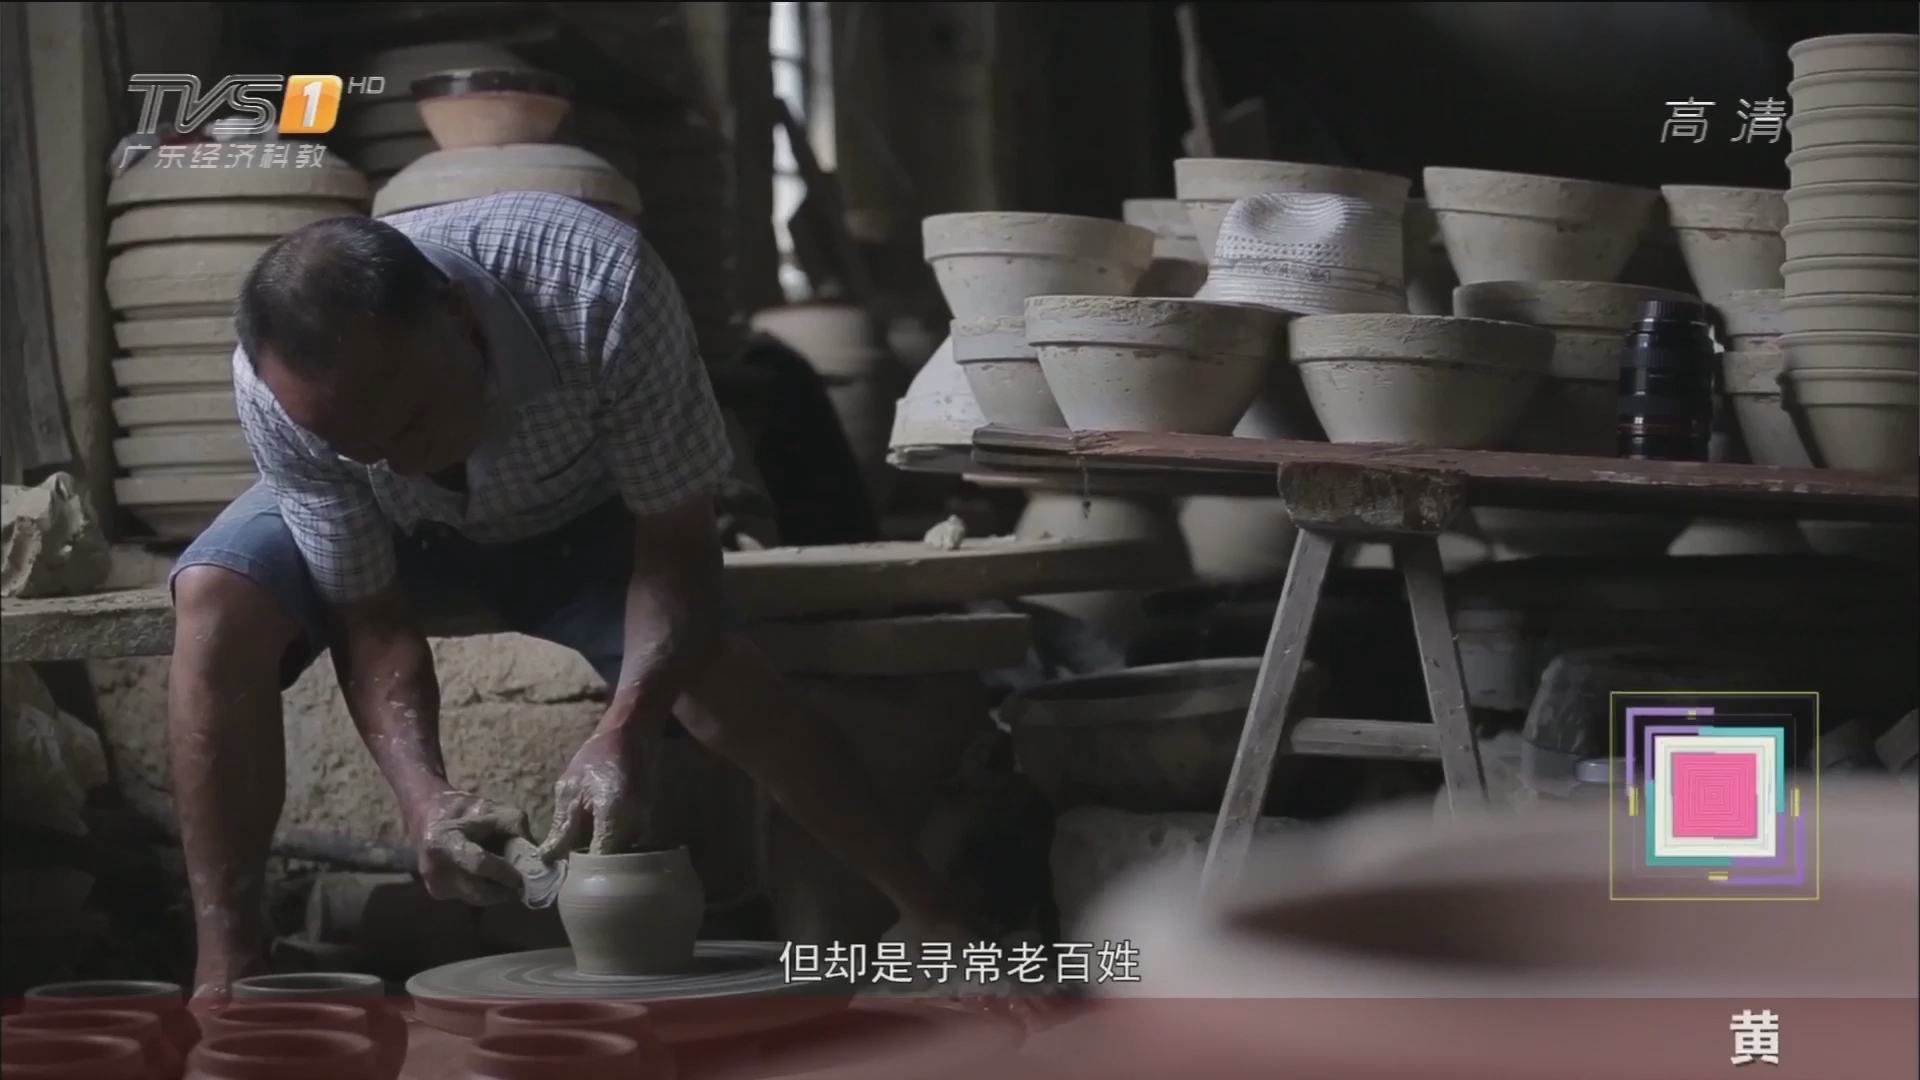 桂东——土陶作坊